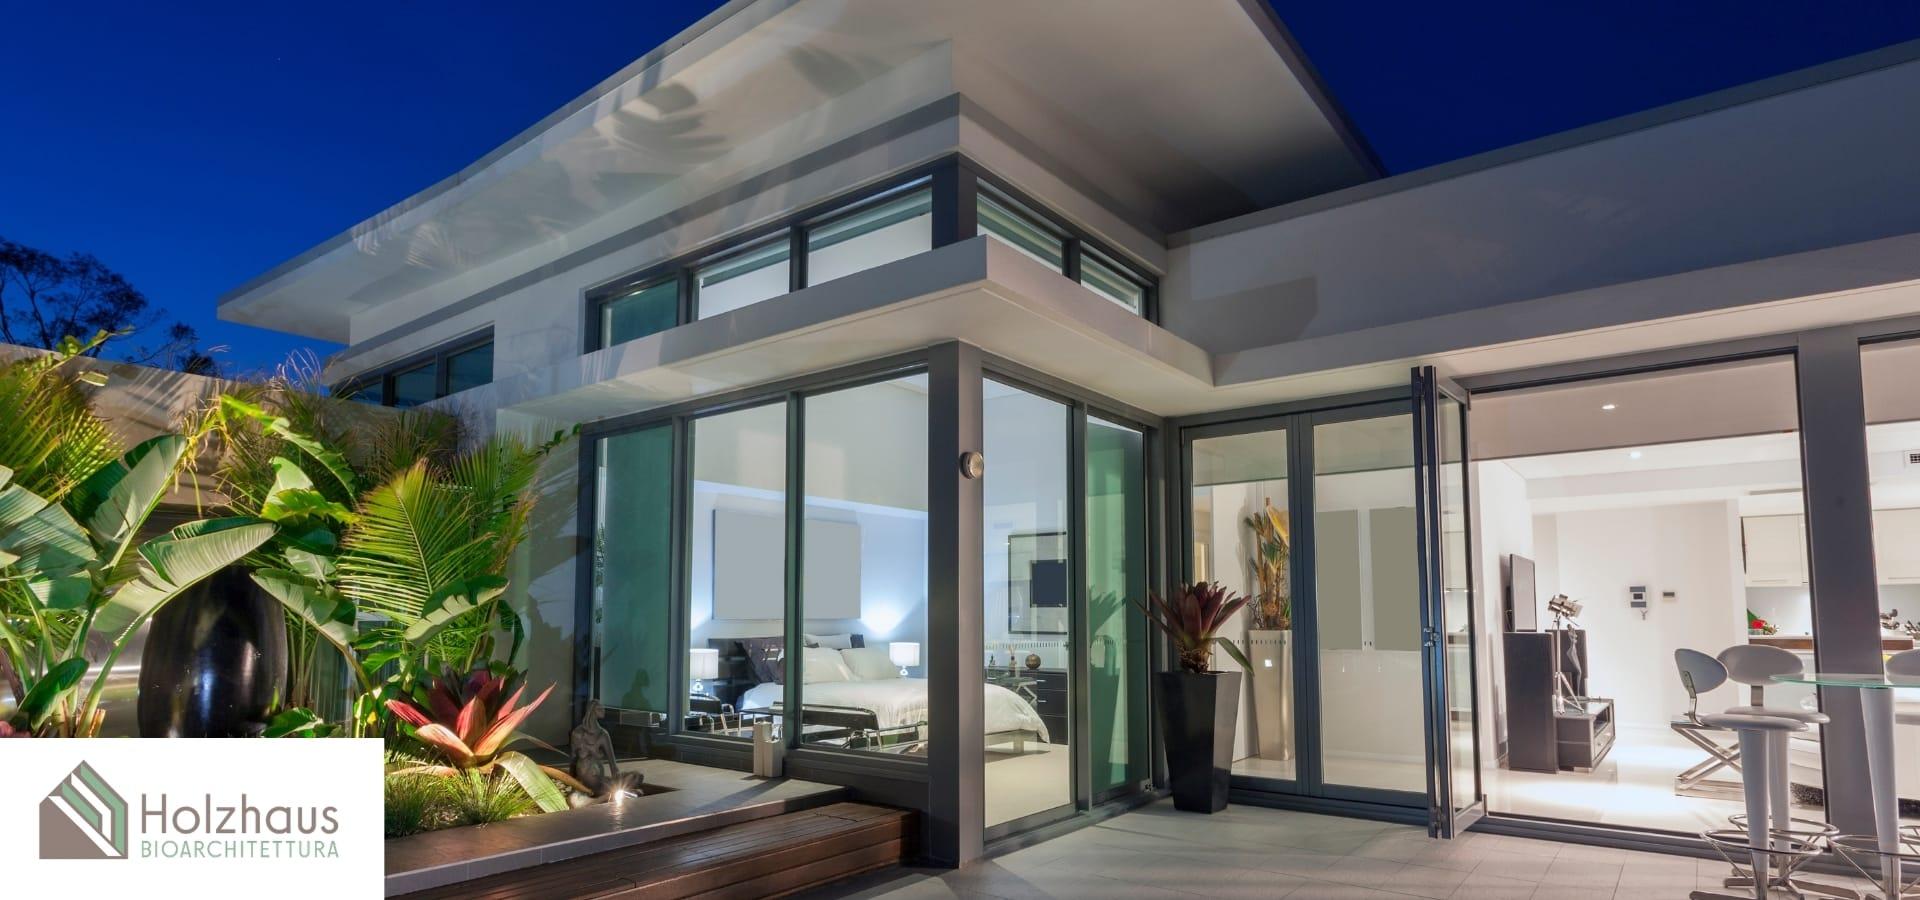 Progettazione moderna con open space e grandi finestre